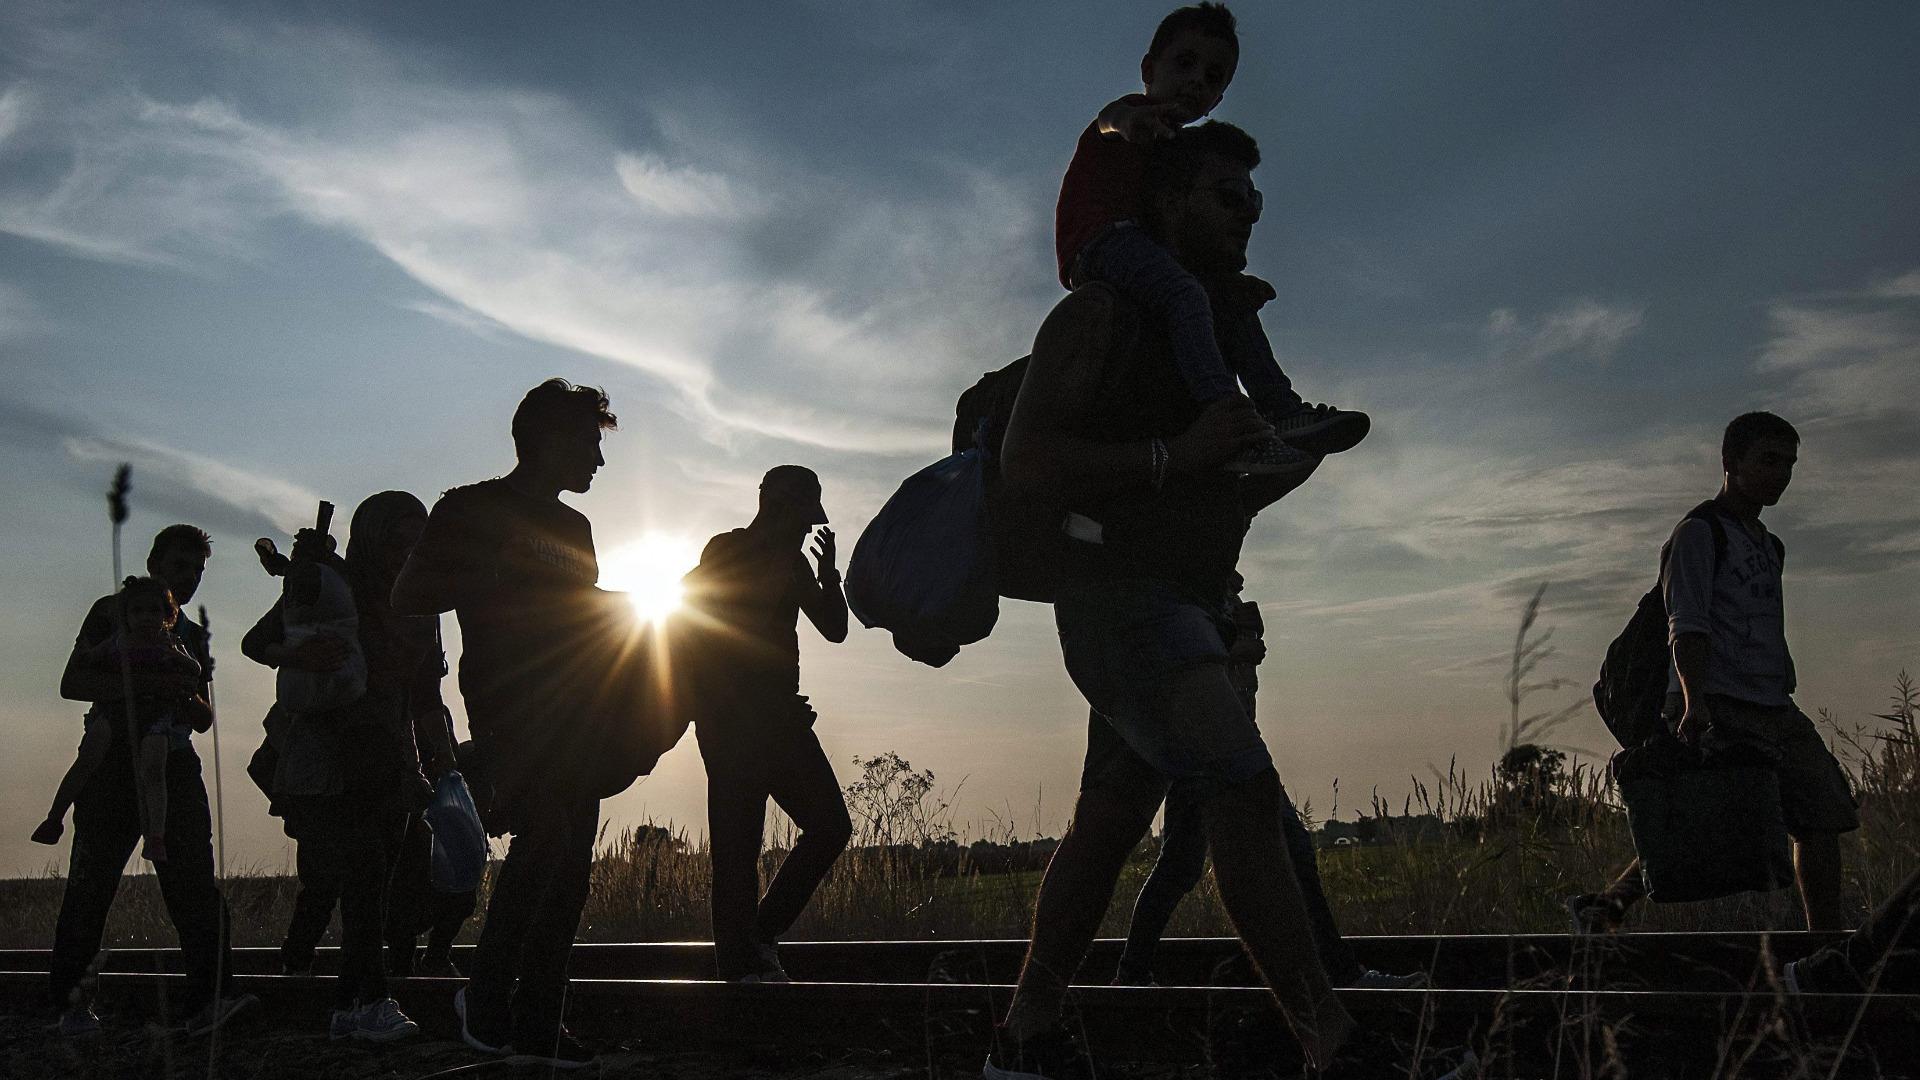 Ţările membre ale Uniunii Europene care nu acceptă imigranţi ar putea fi obligate să achite contribuţii.